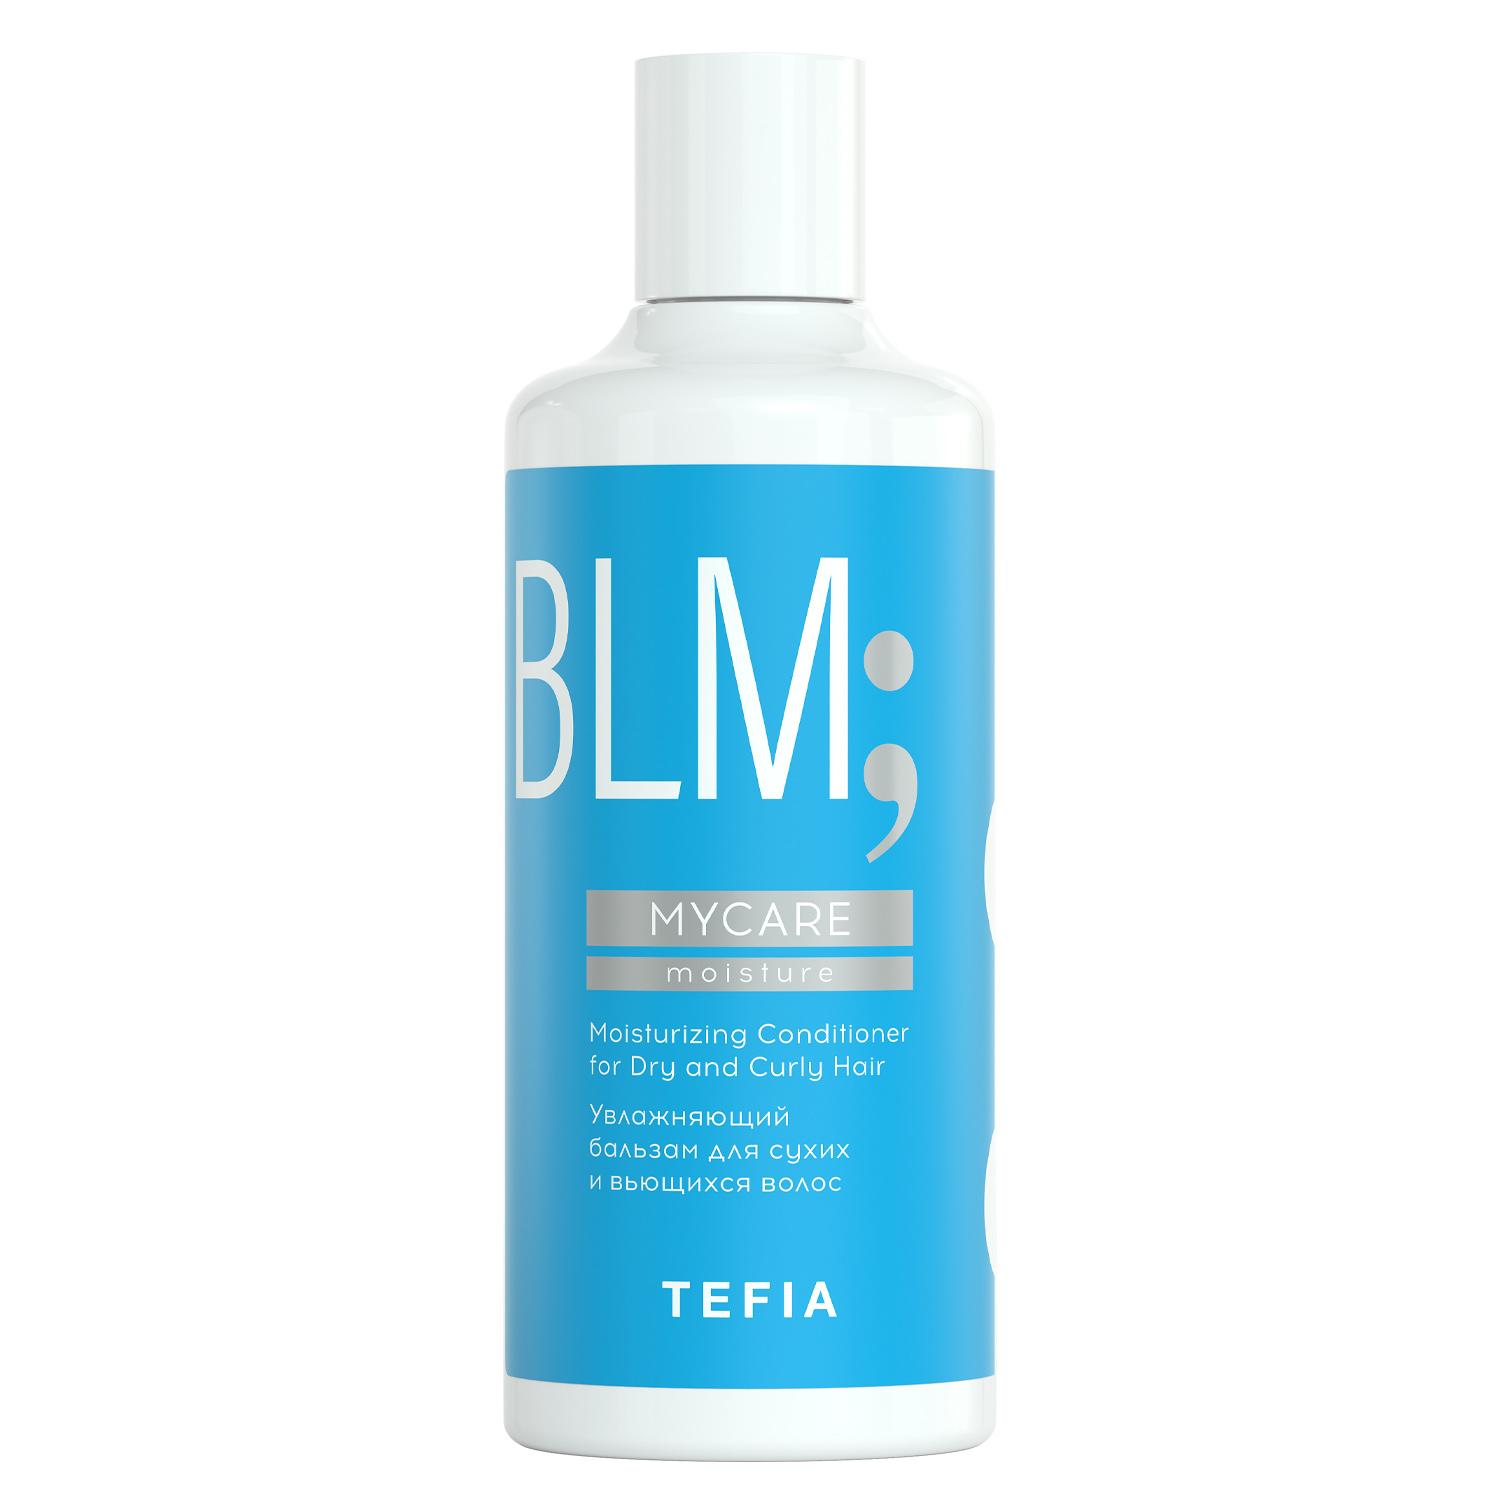 Tefia Увлажняющий бальзам для сухих и вьющихся волос 300 мл (Tefia, Mycare)